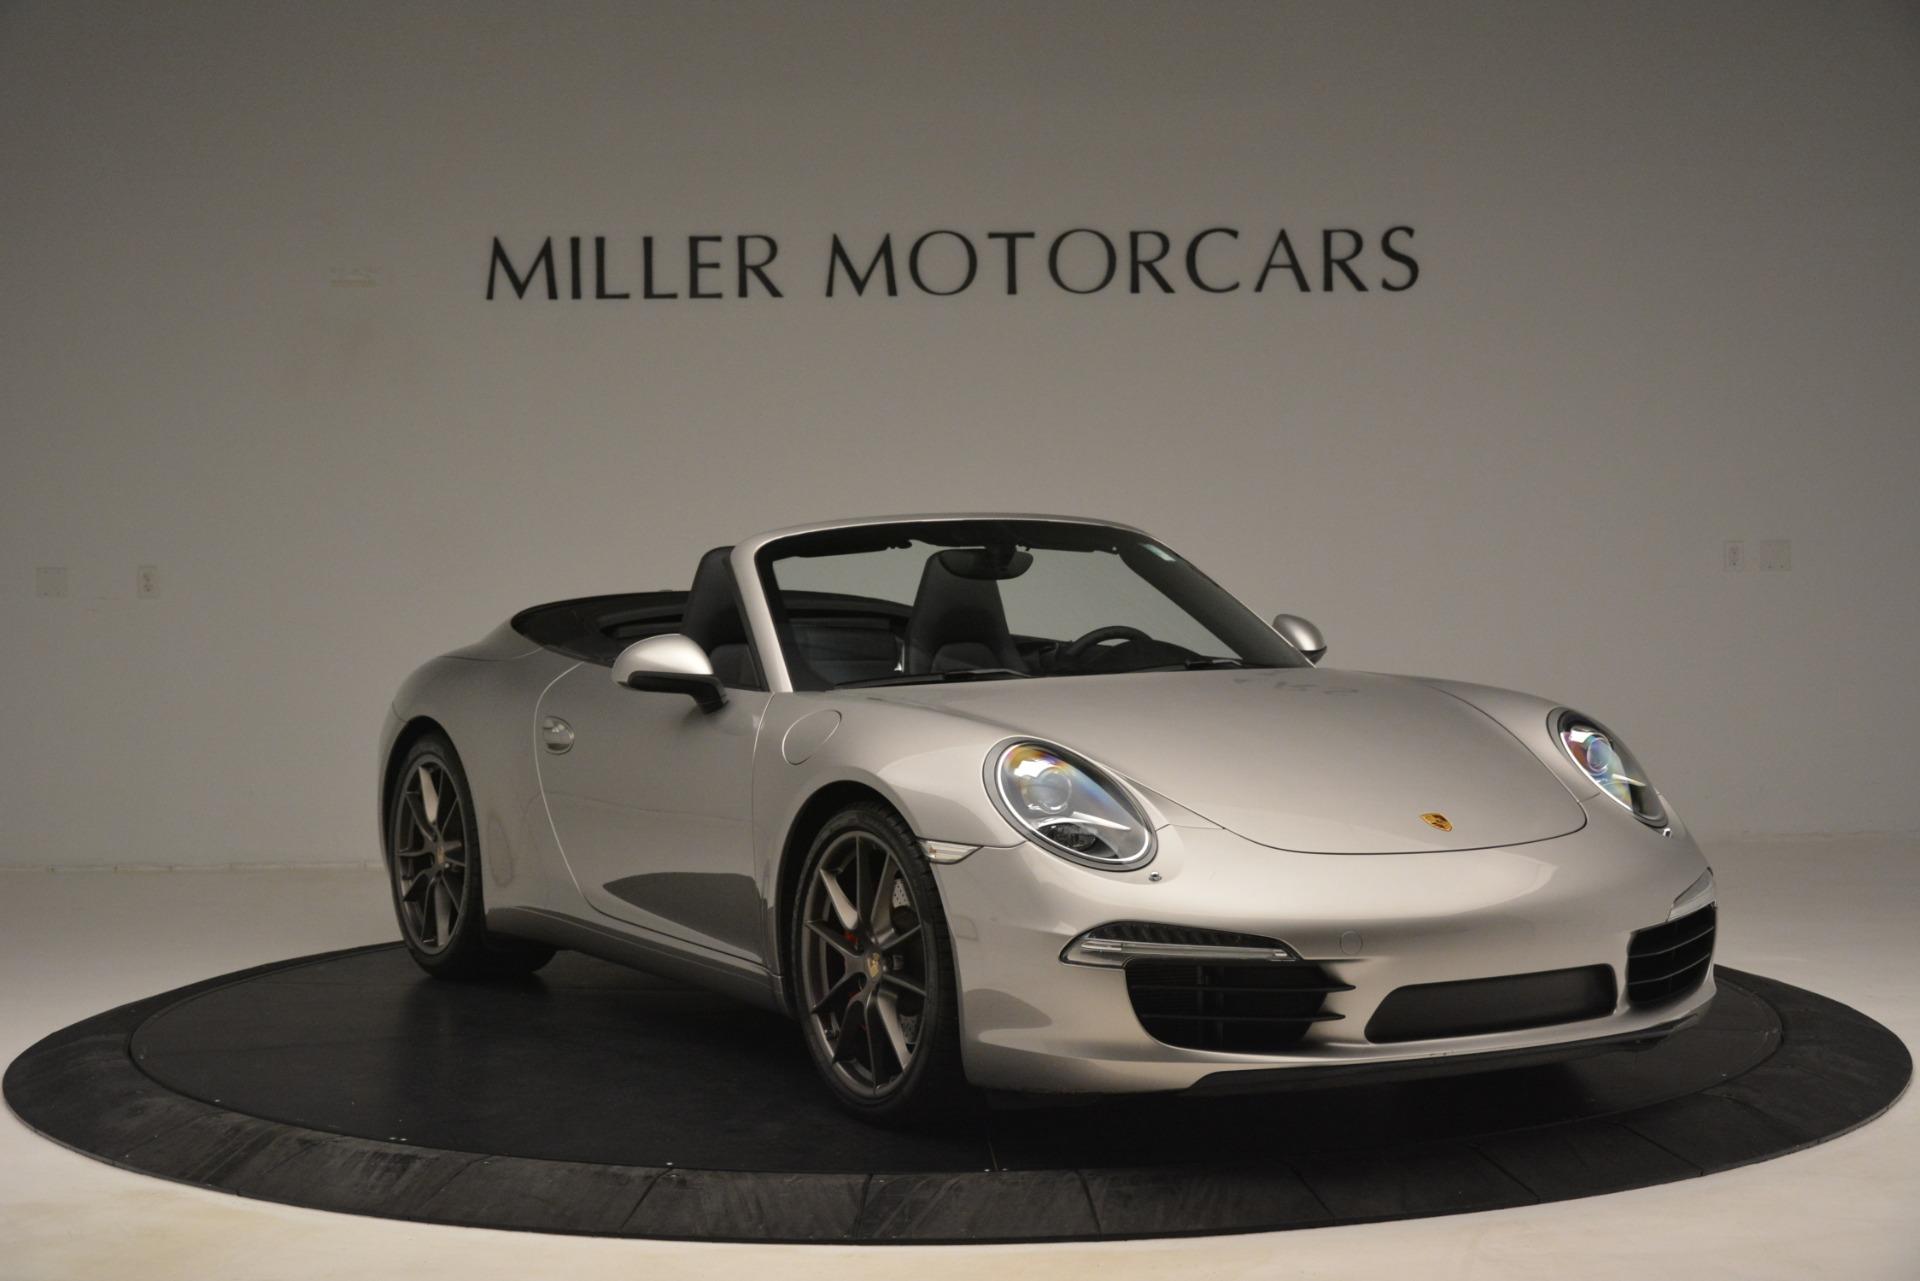 Used 2013 Porsche 911 Carrera S For Sale In Greenwich, CT 3107_p12